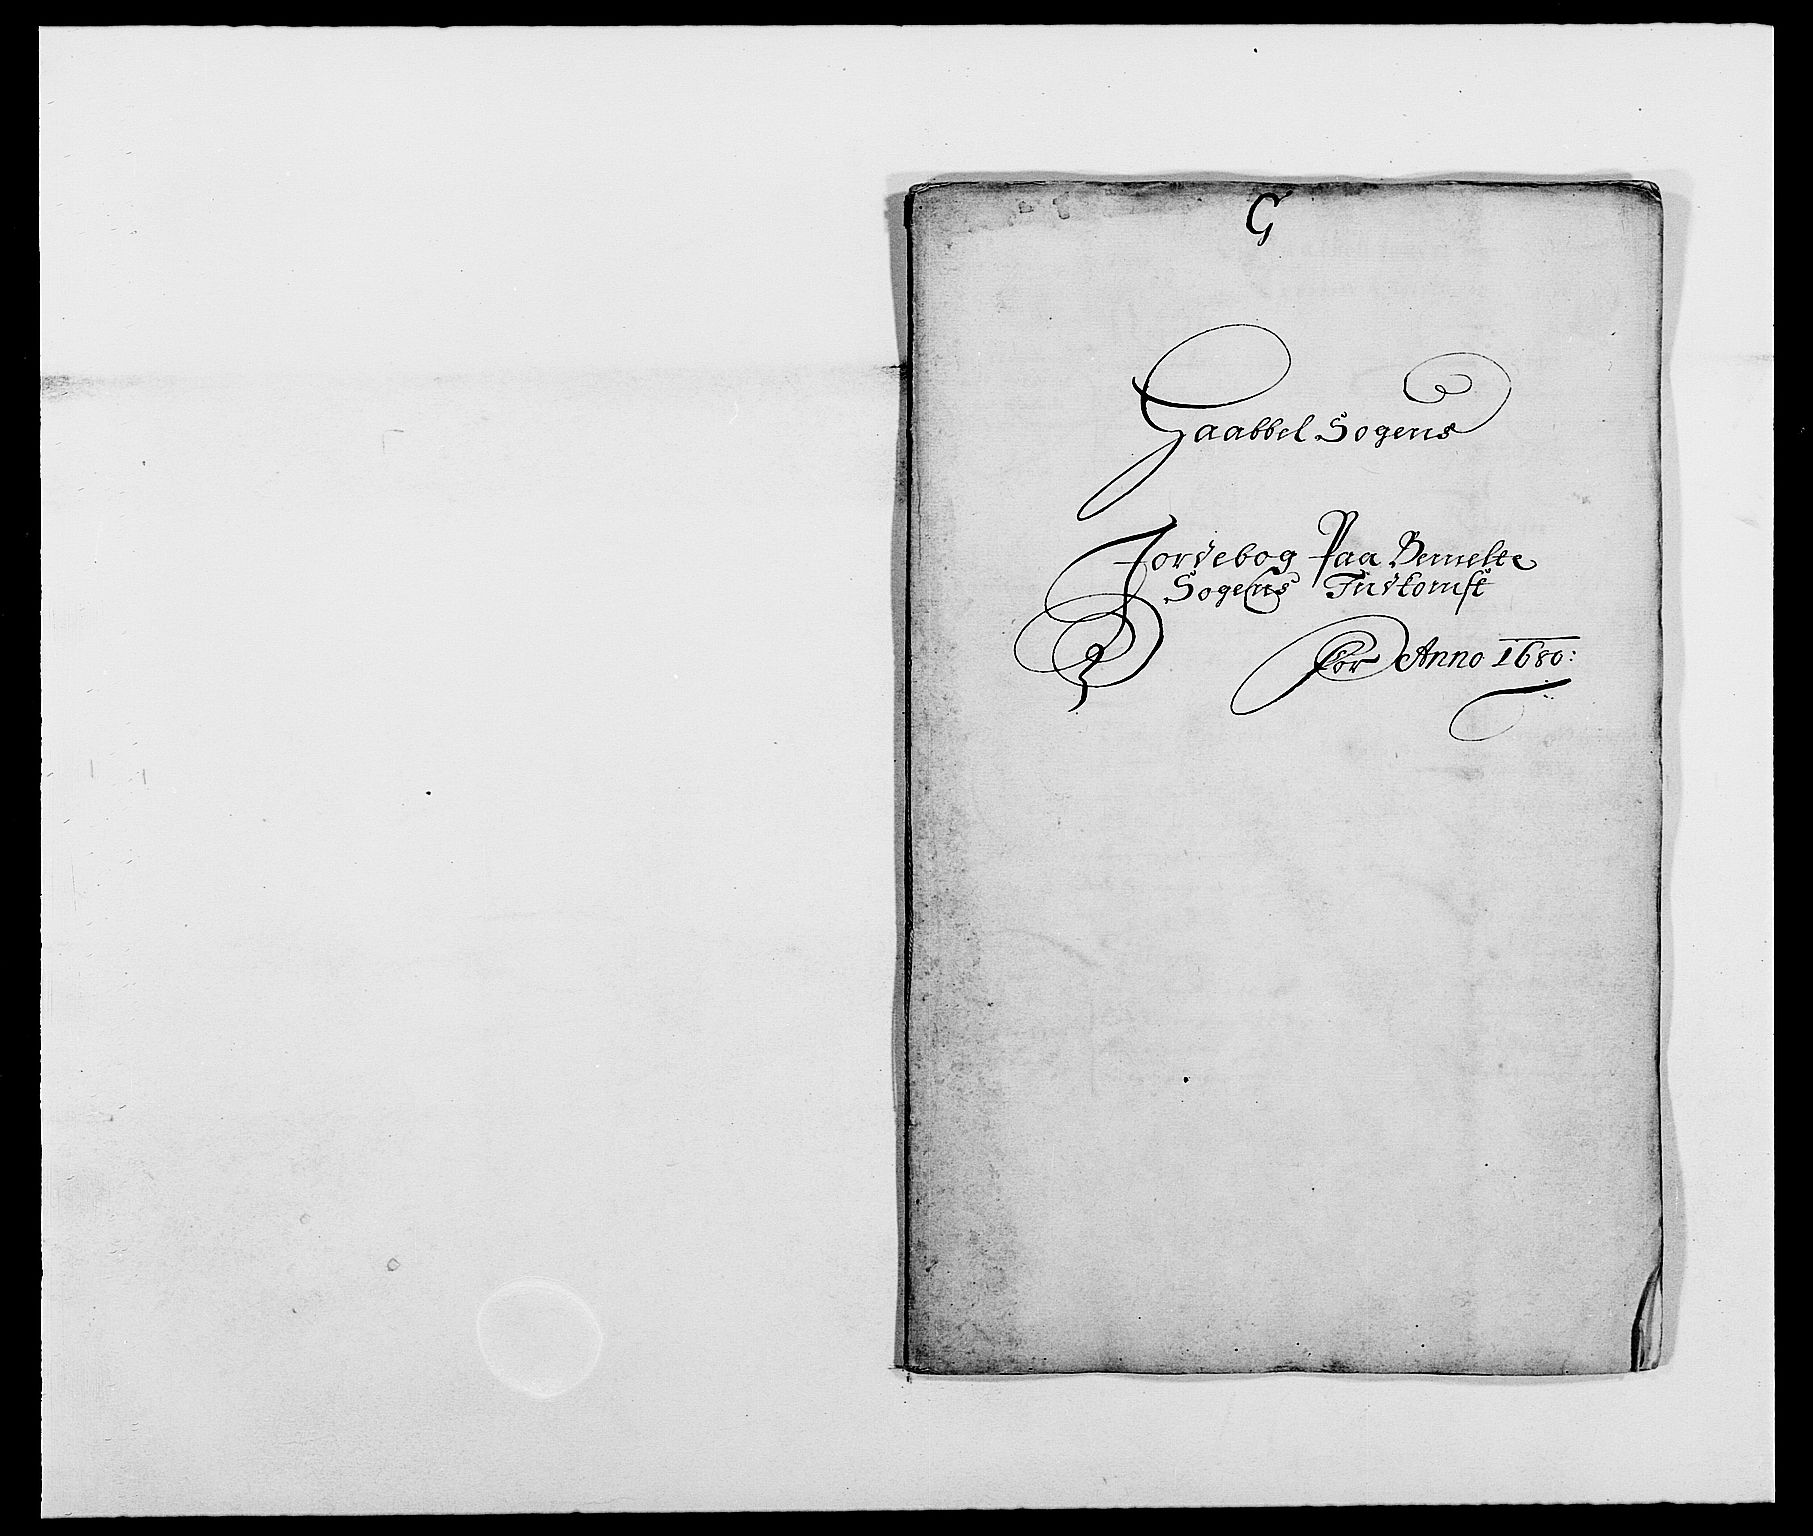 RA, Rentekammeret inntil 1814, Reviderte regnskaper, Fogderegnskap, R02/L0101: Fogderegnskap Moss og Verne kloster, 1680, s. 168